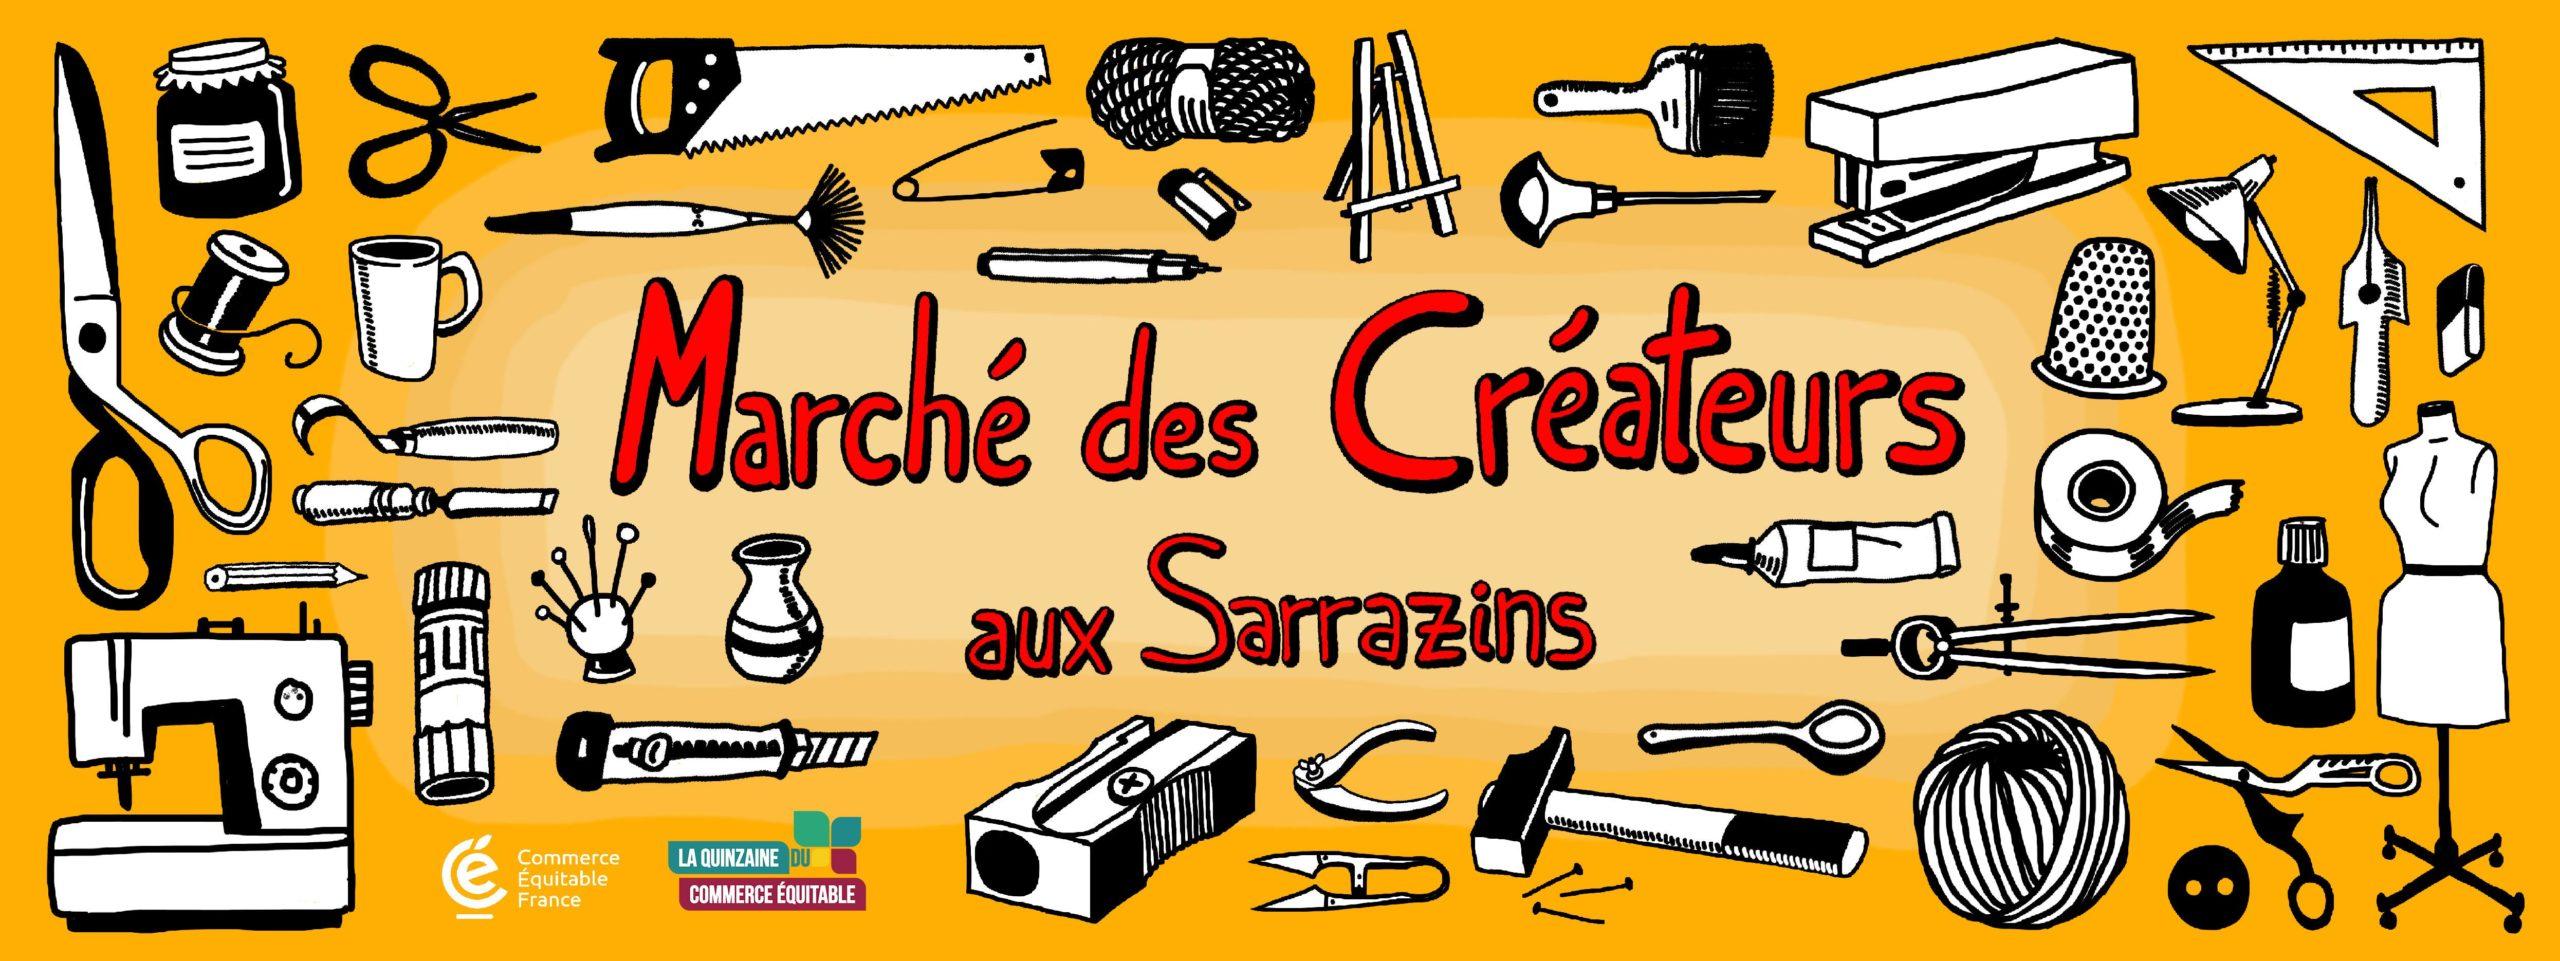 Marché de créateurs Lille